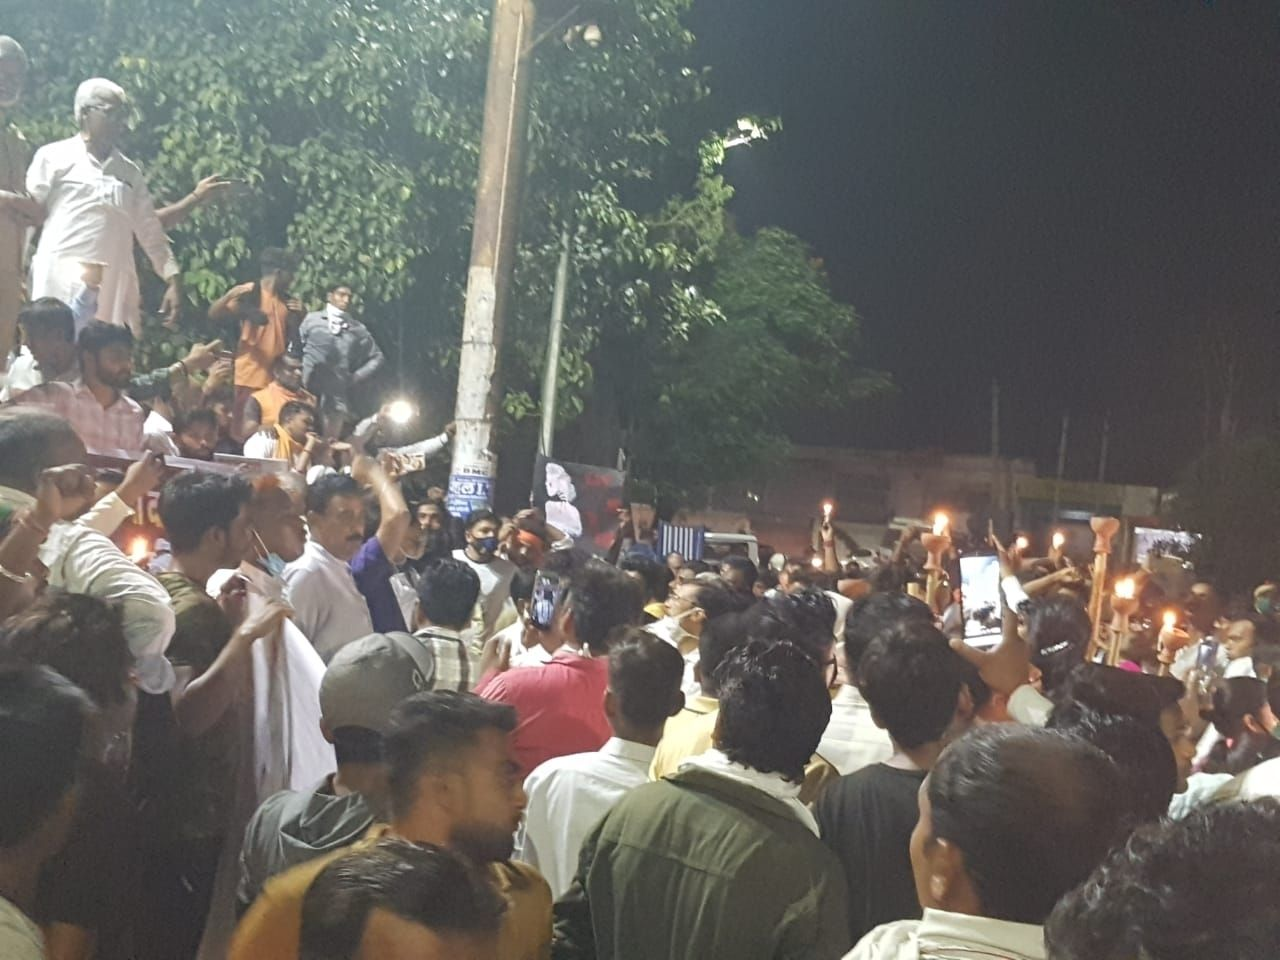 रानी तालाब पर कैंडल मार्च निकालते विभिन्न संगठनों के लोग।